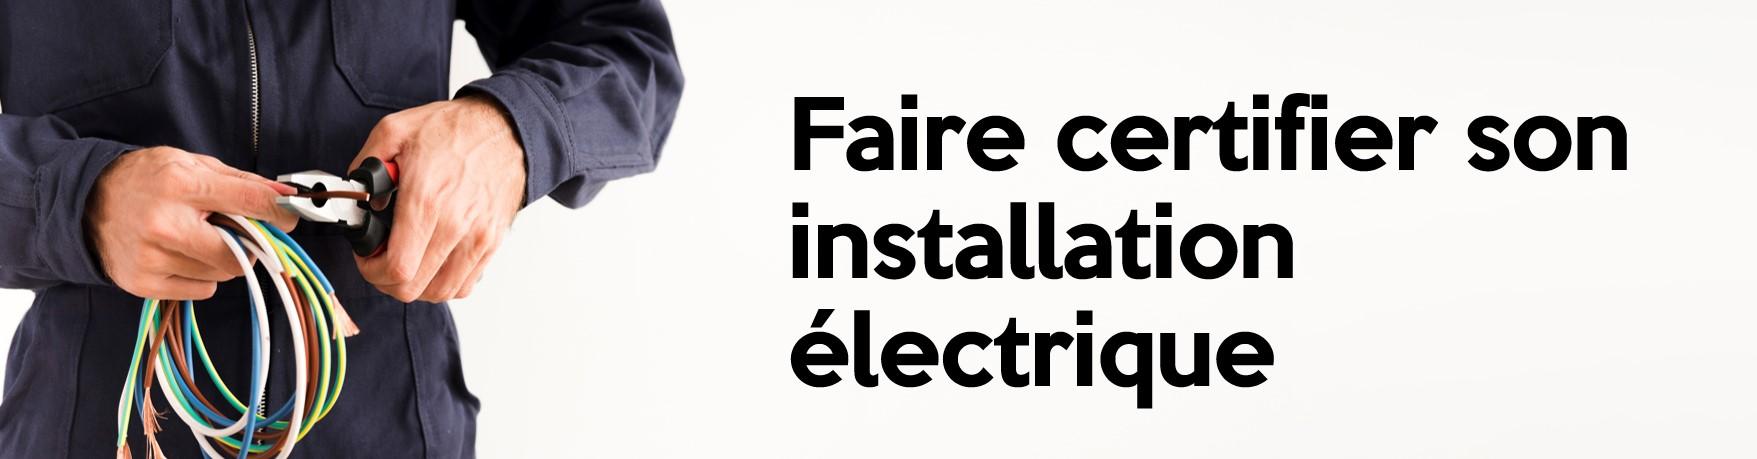 Faire certifier son installation électrique